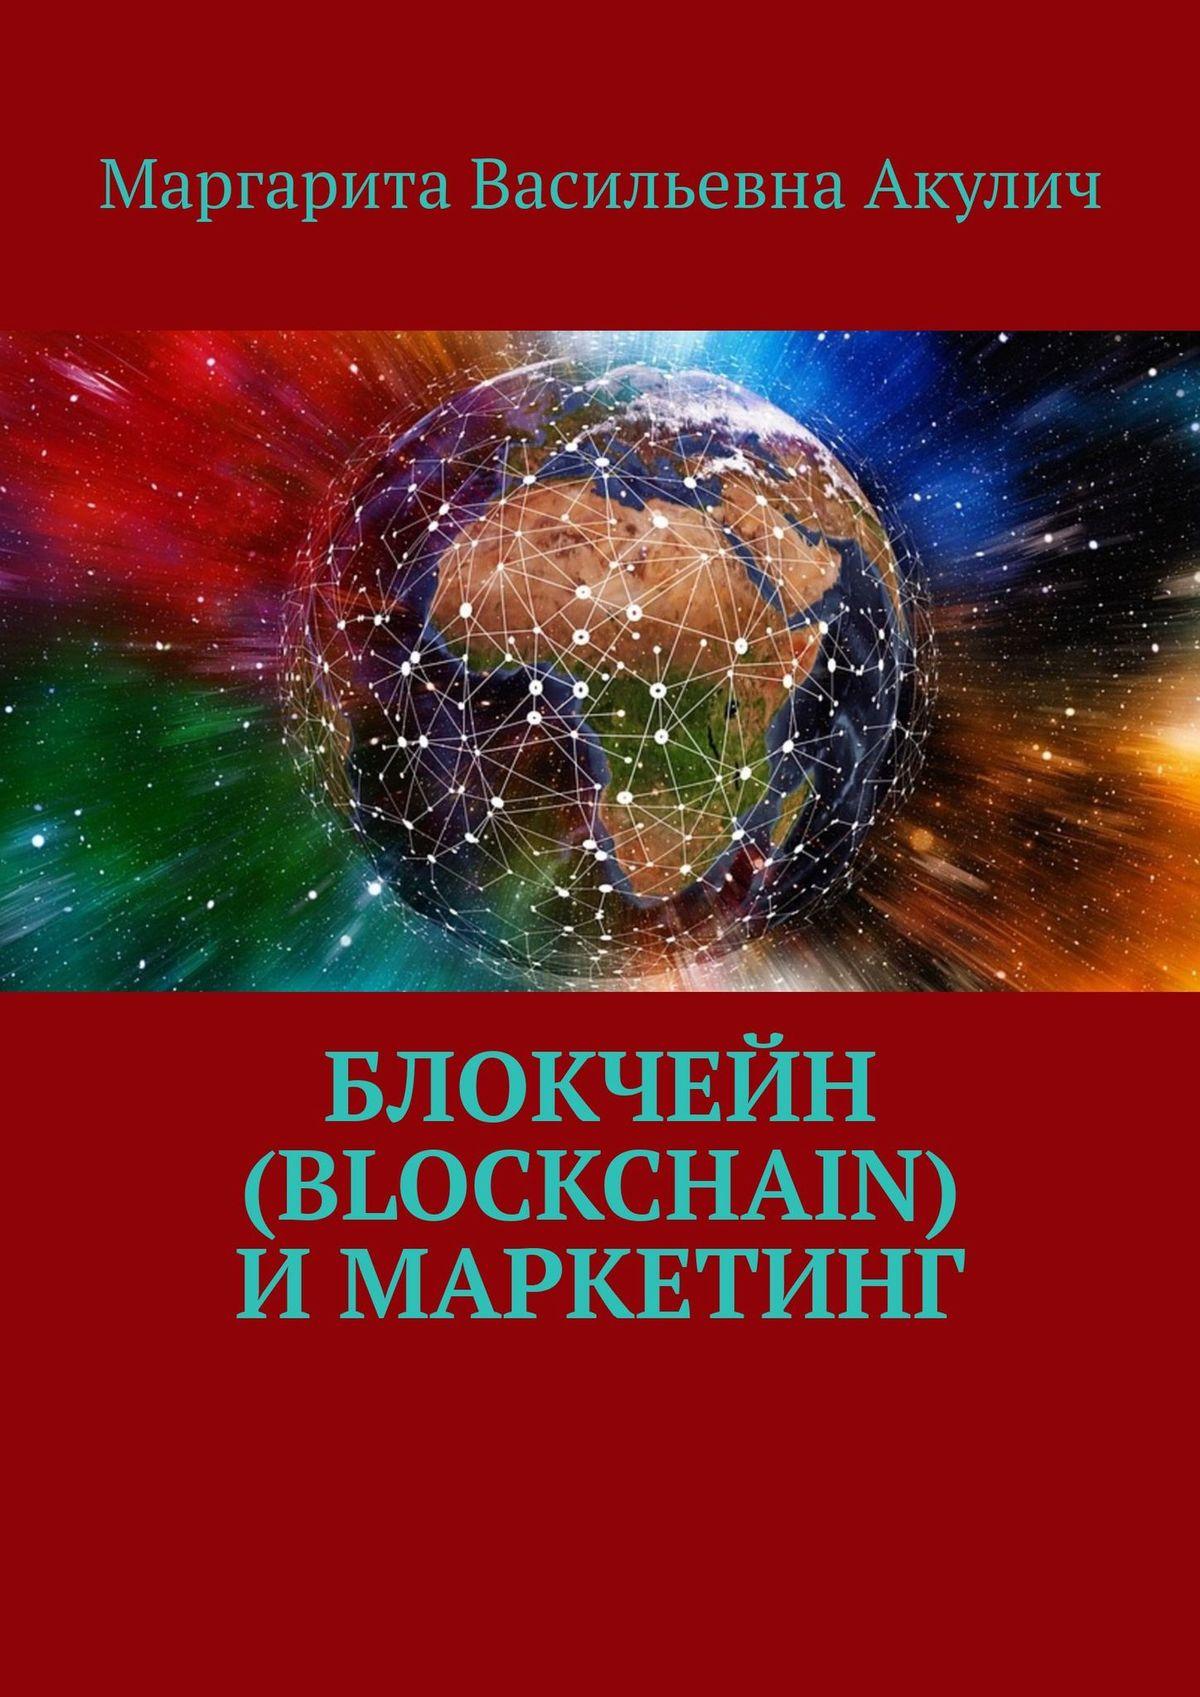 Blockchain имаркетинг